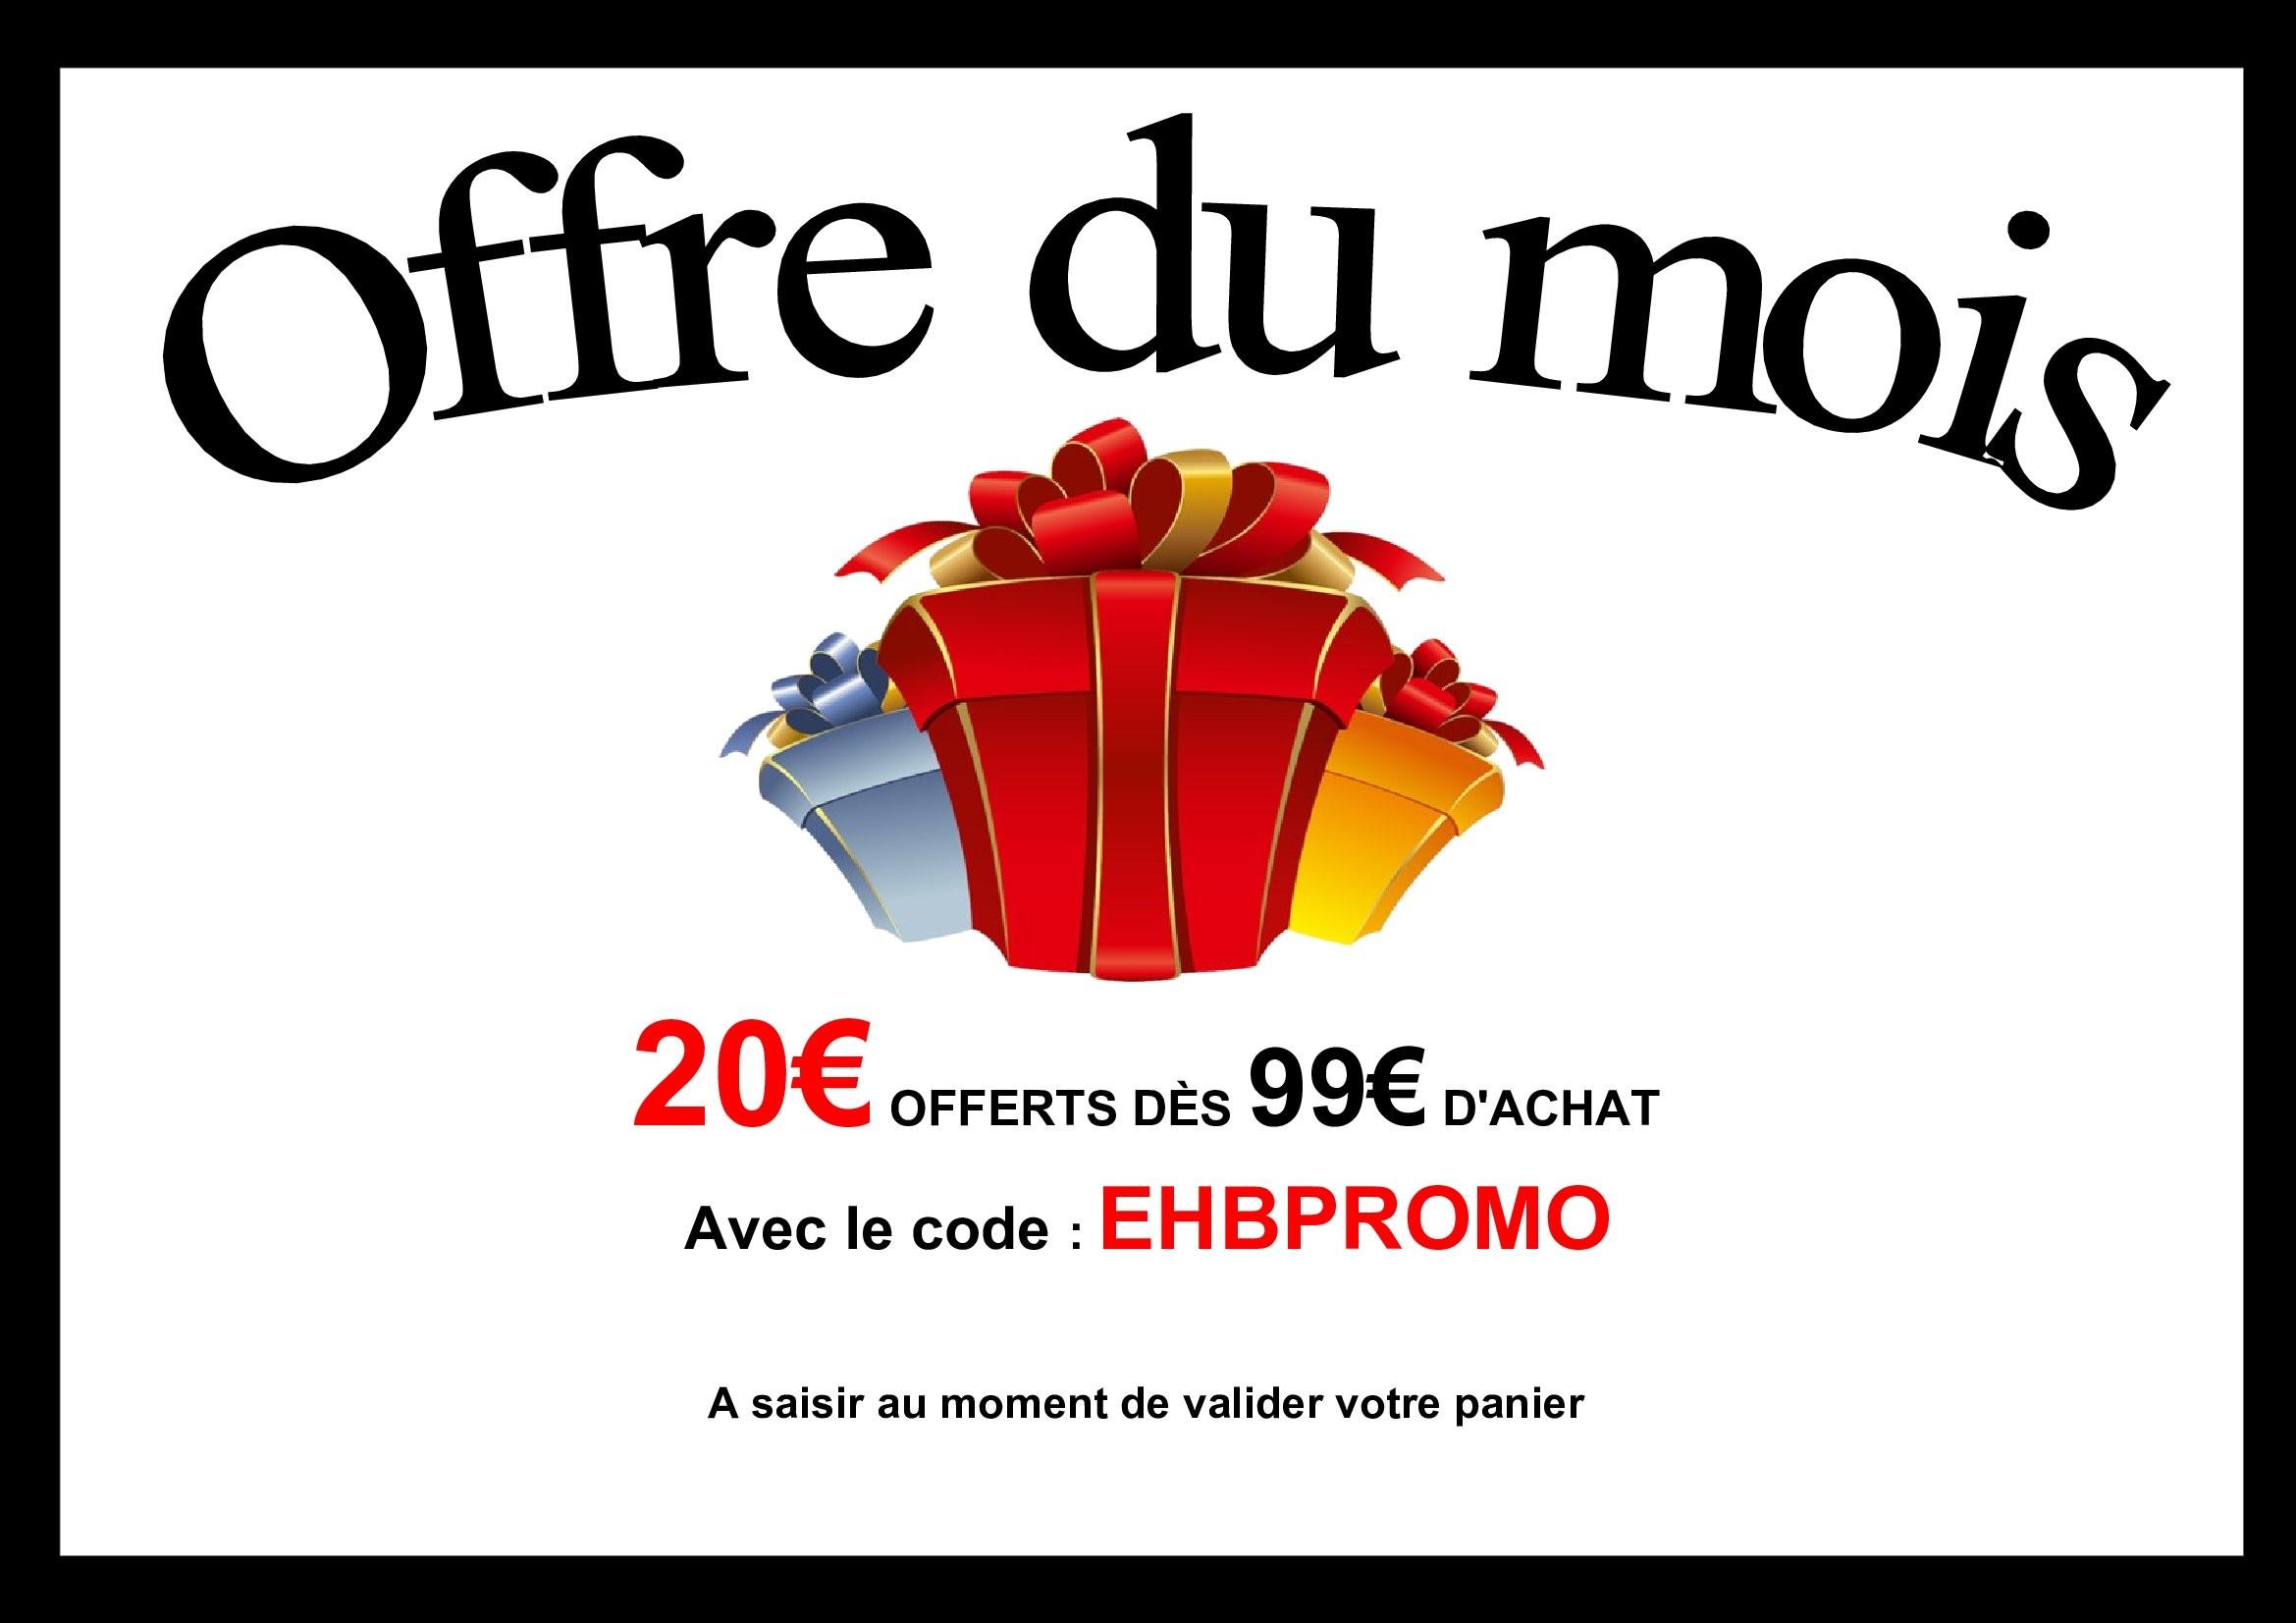 20€ offerts dès 99€ d'achat